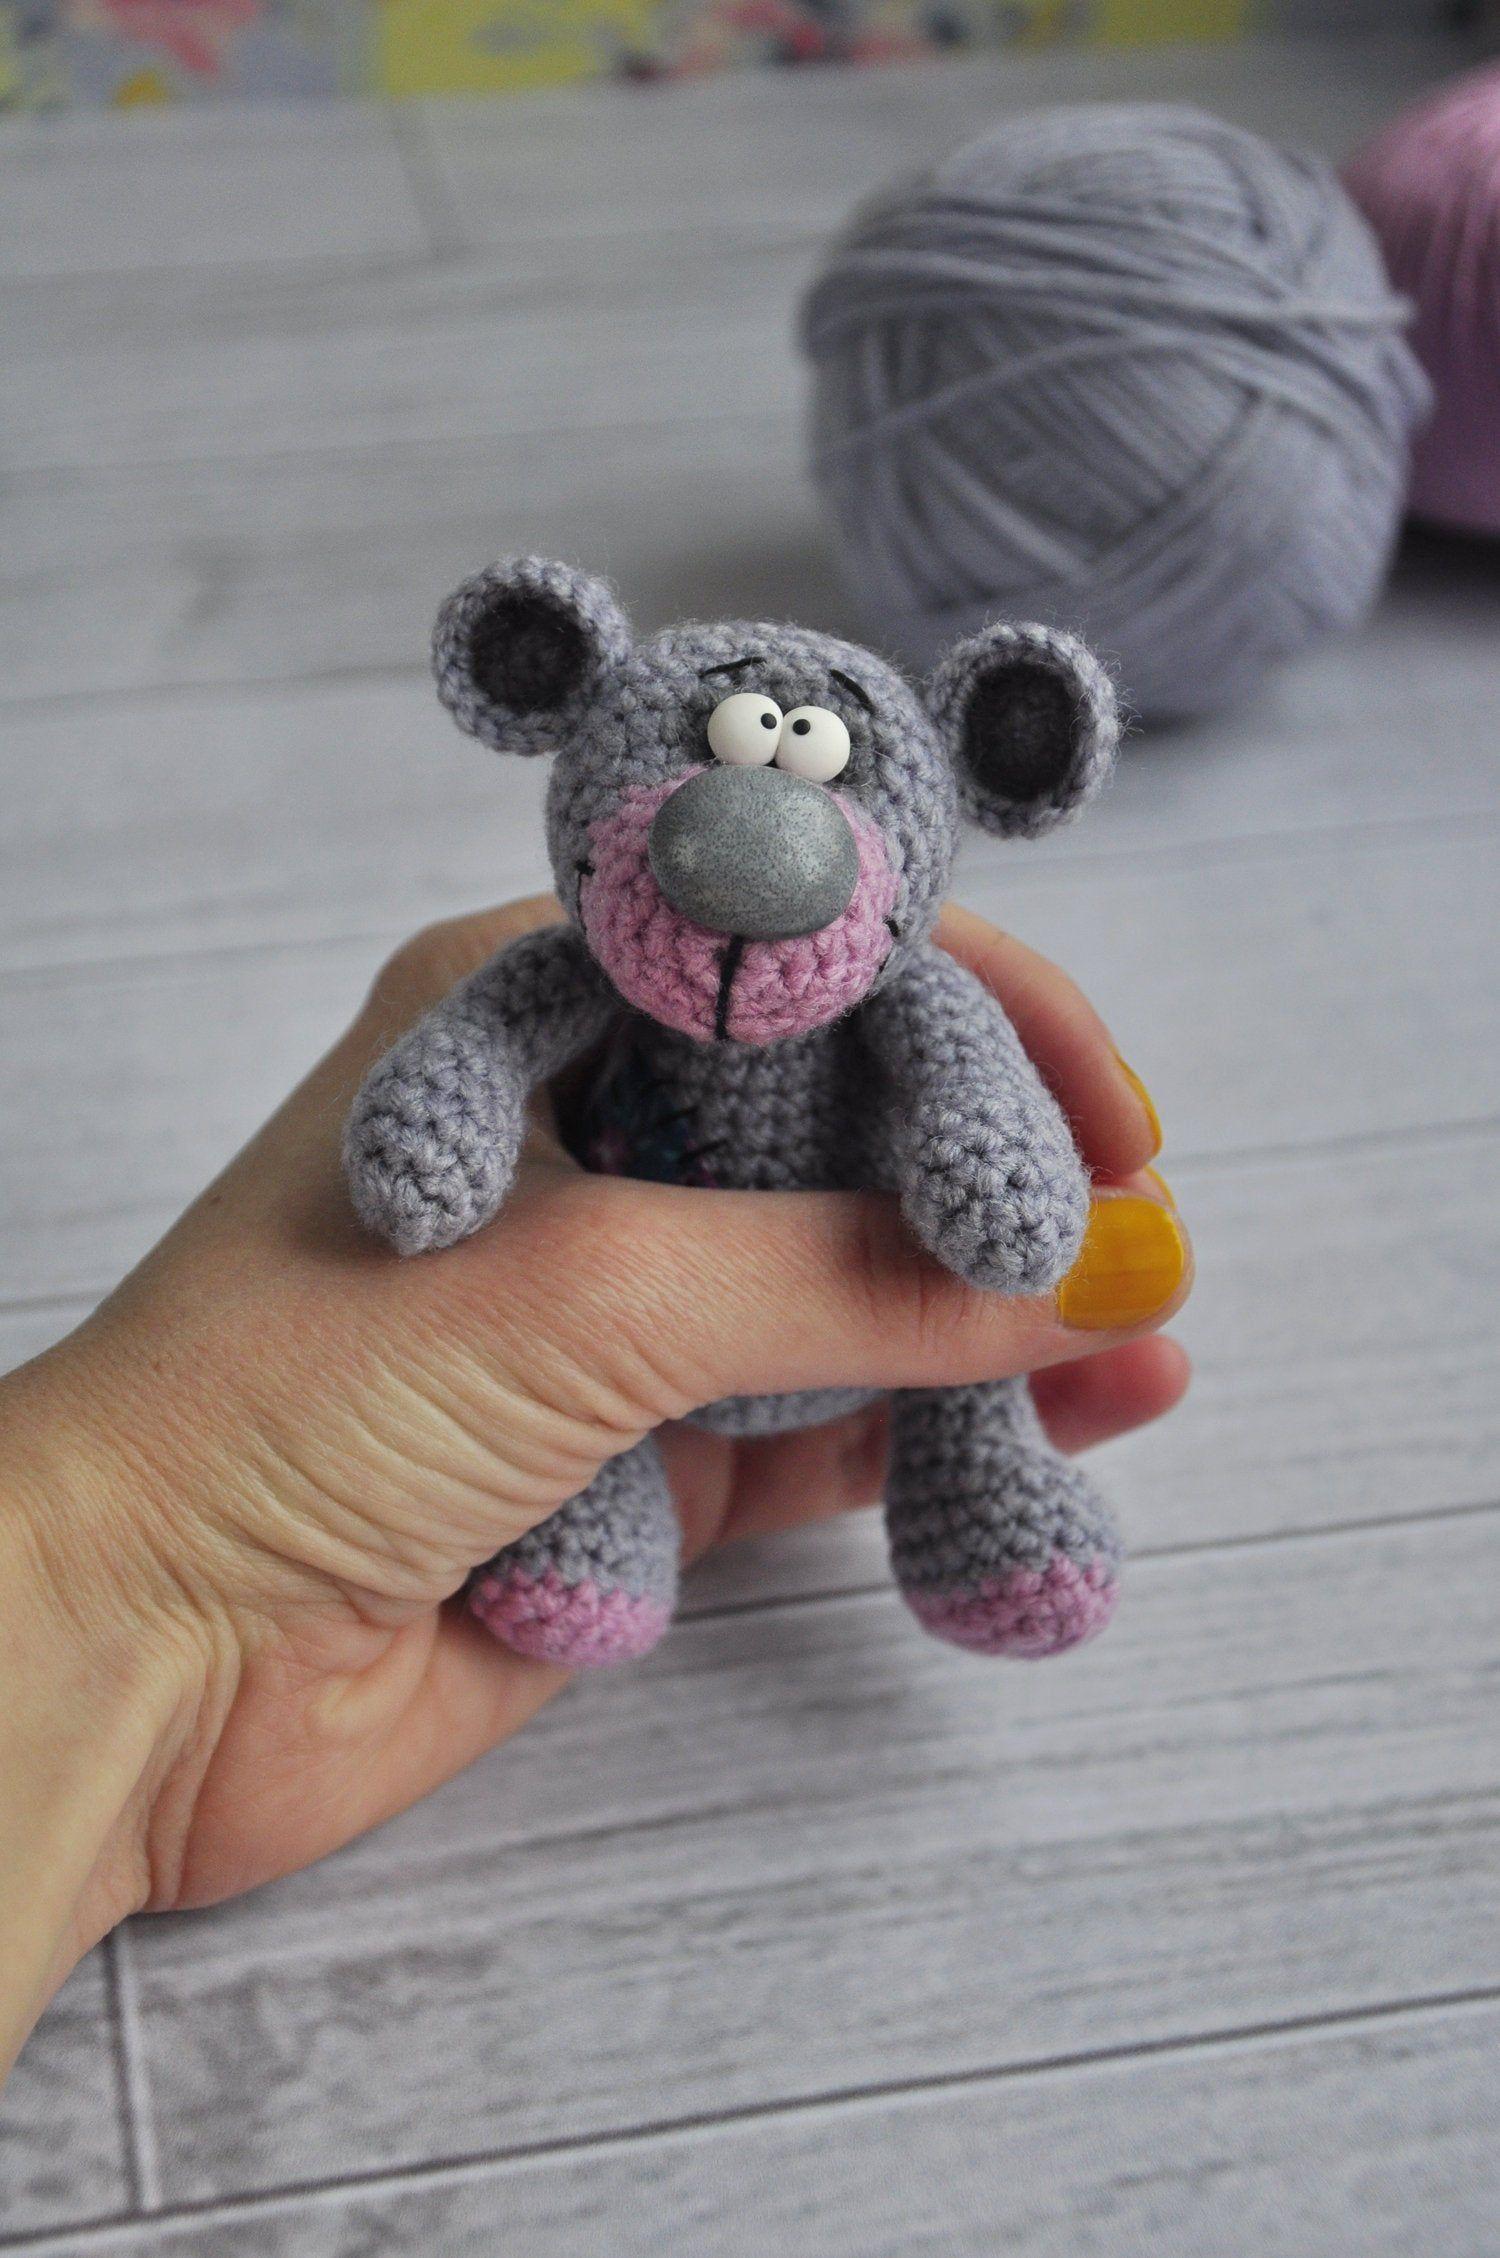 Teddy Bear Crochet Pattern, Amigurumi Crochet pattern, PDF crochet ... | 2258x1500